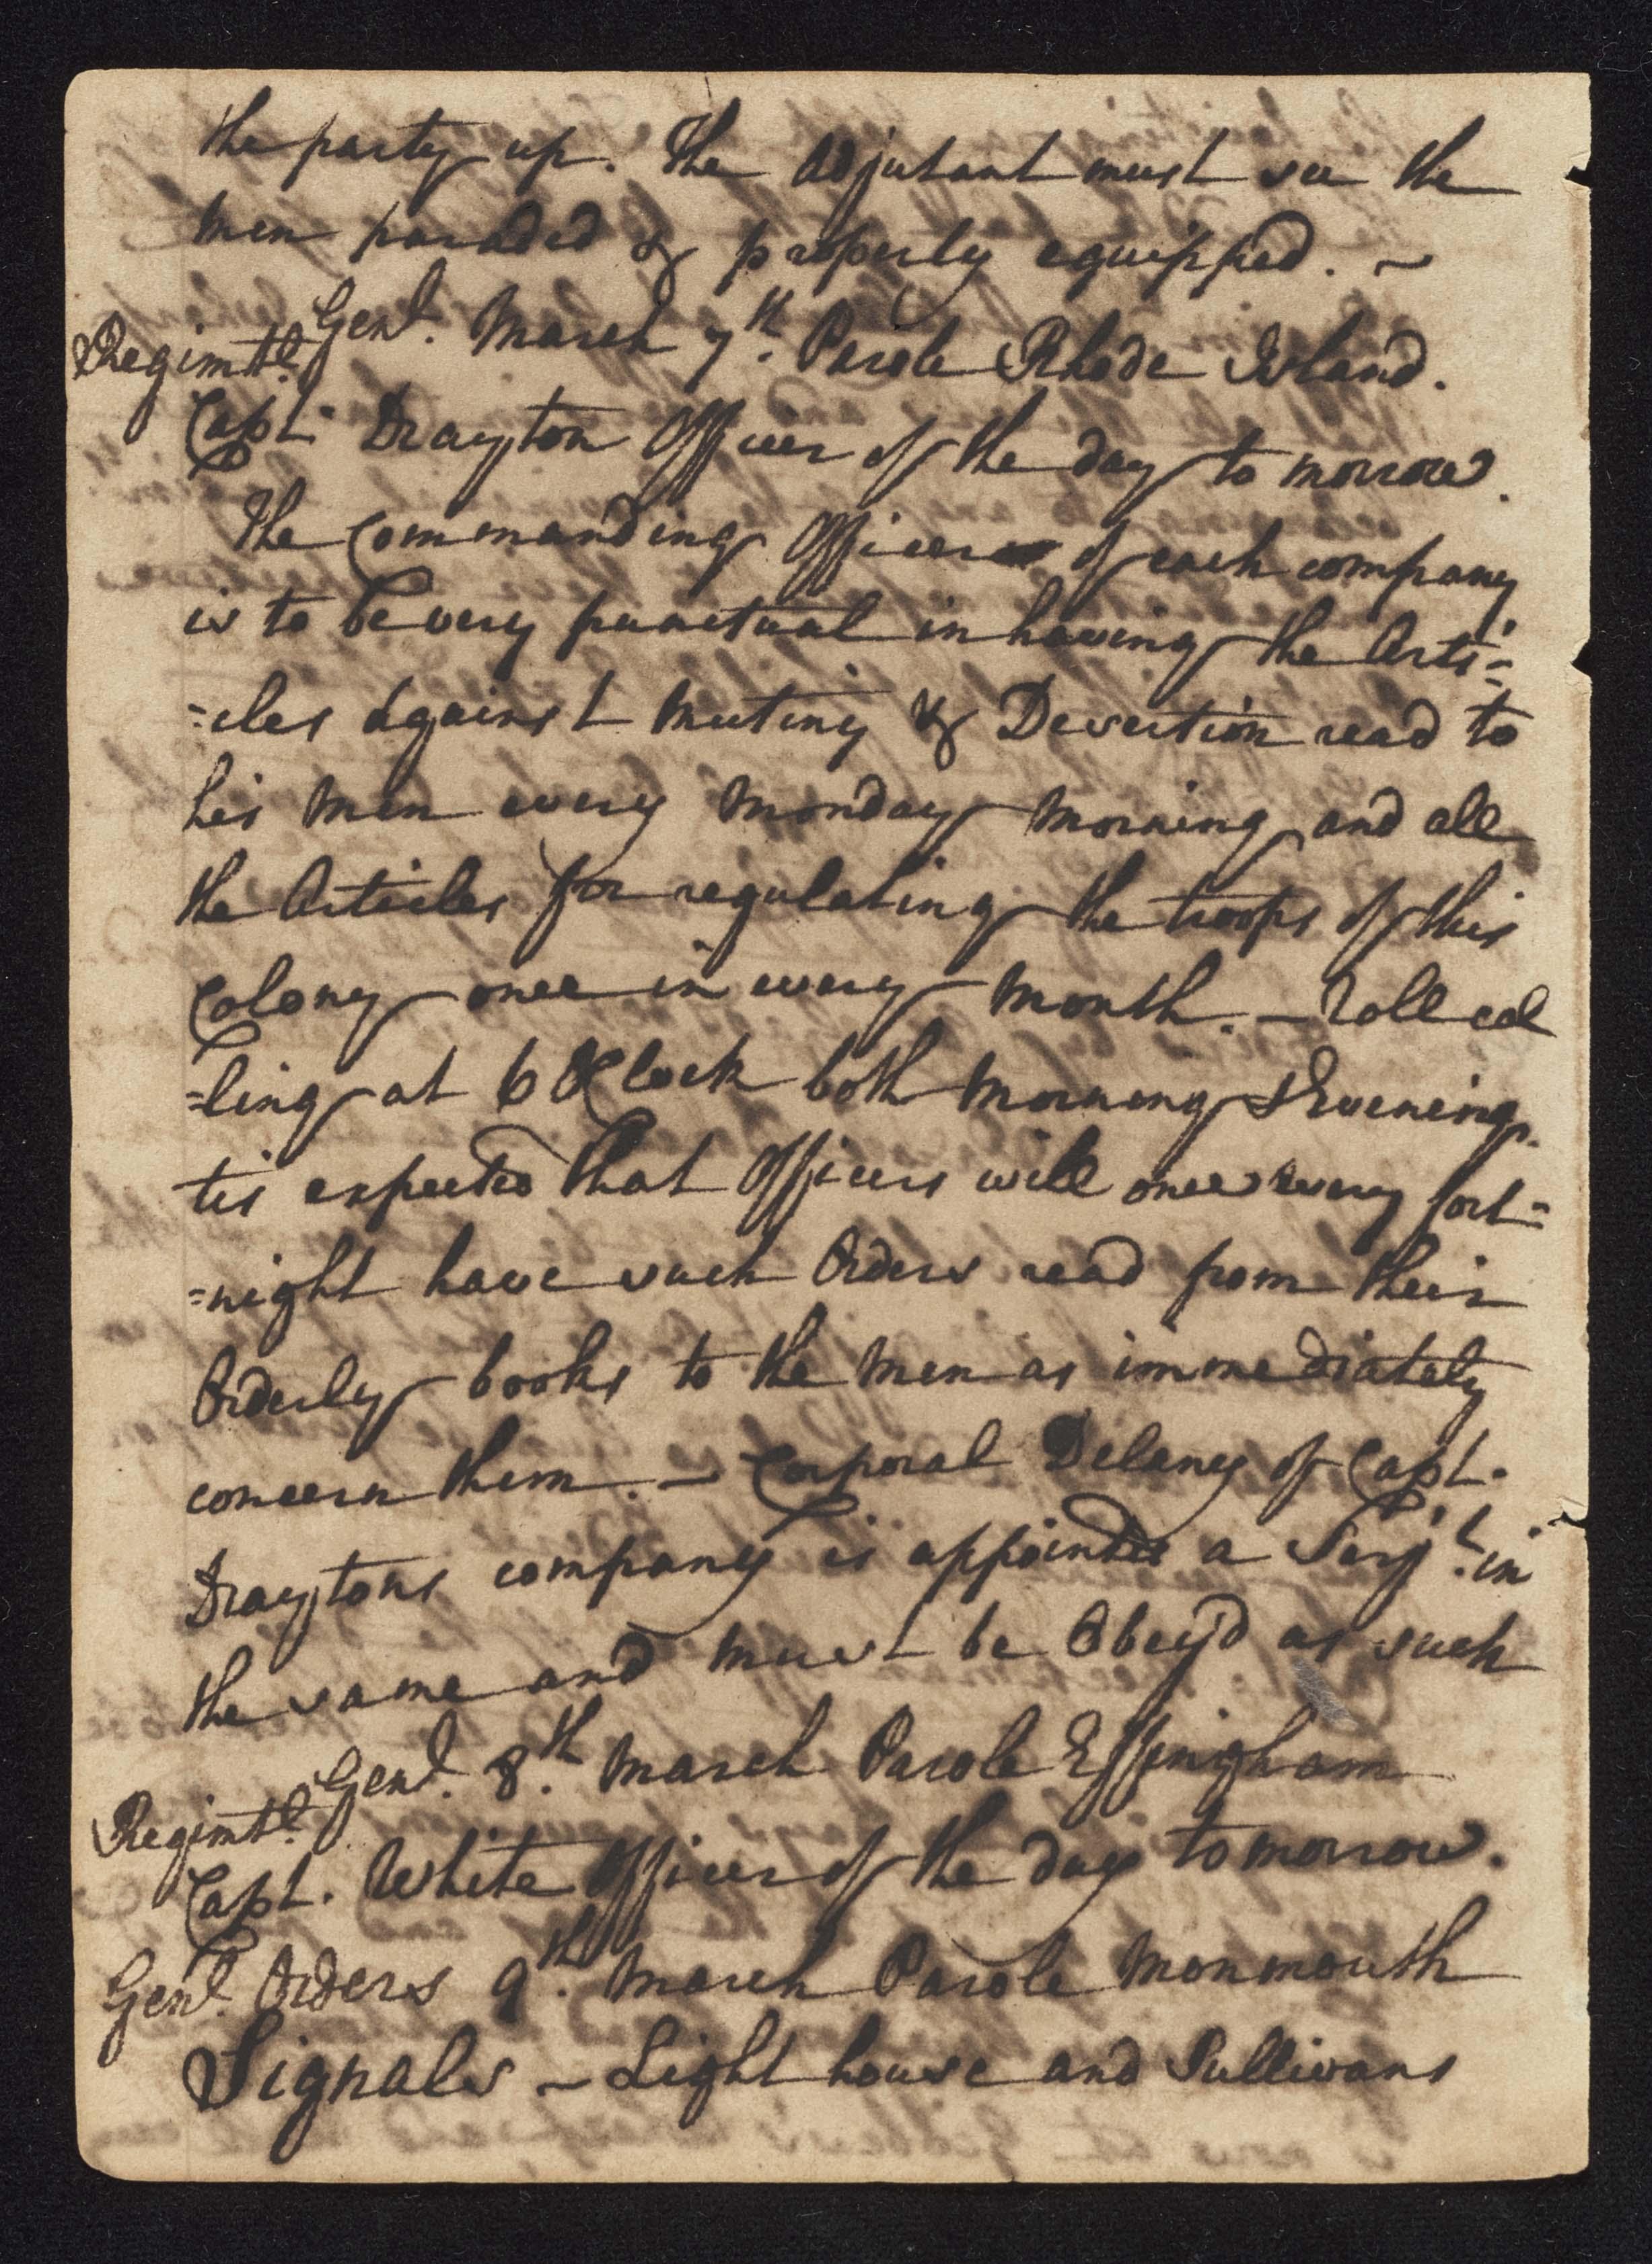 South Carolina Regiment Order Book, Page 80